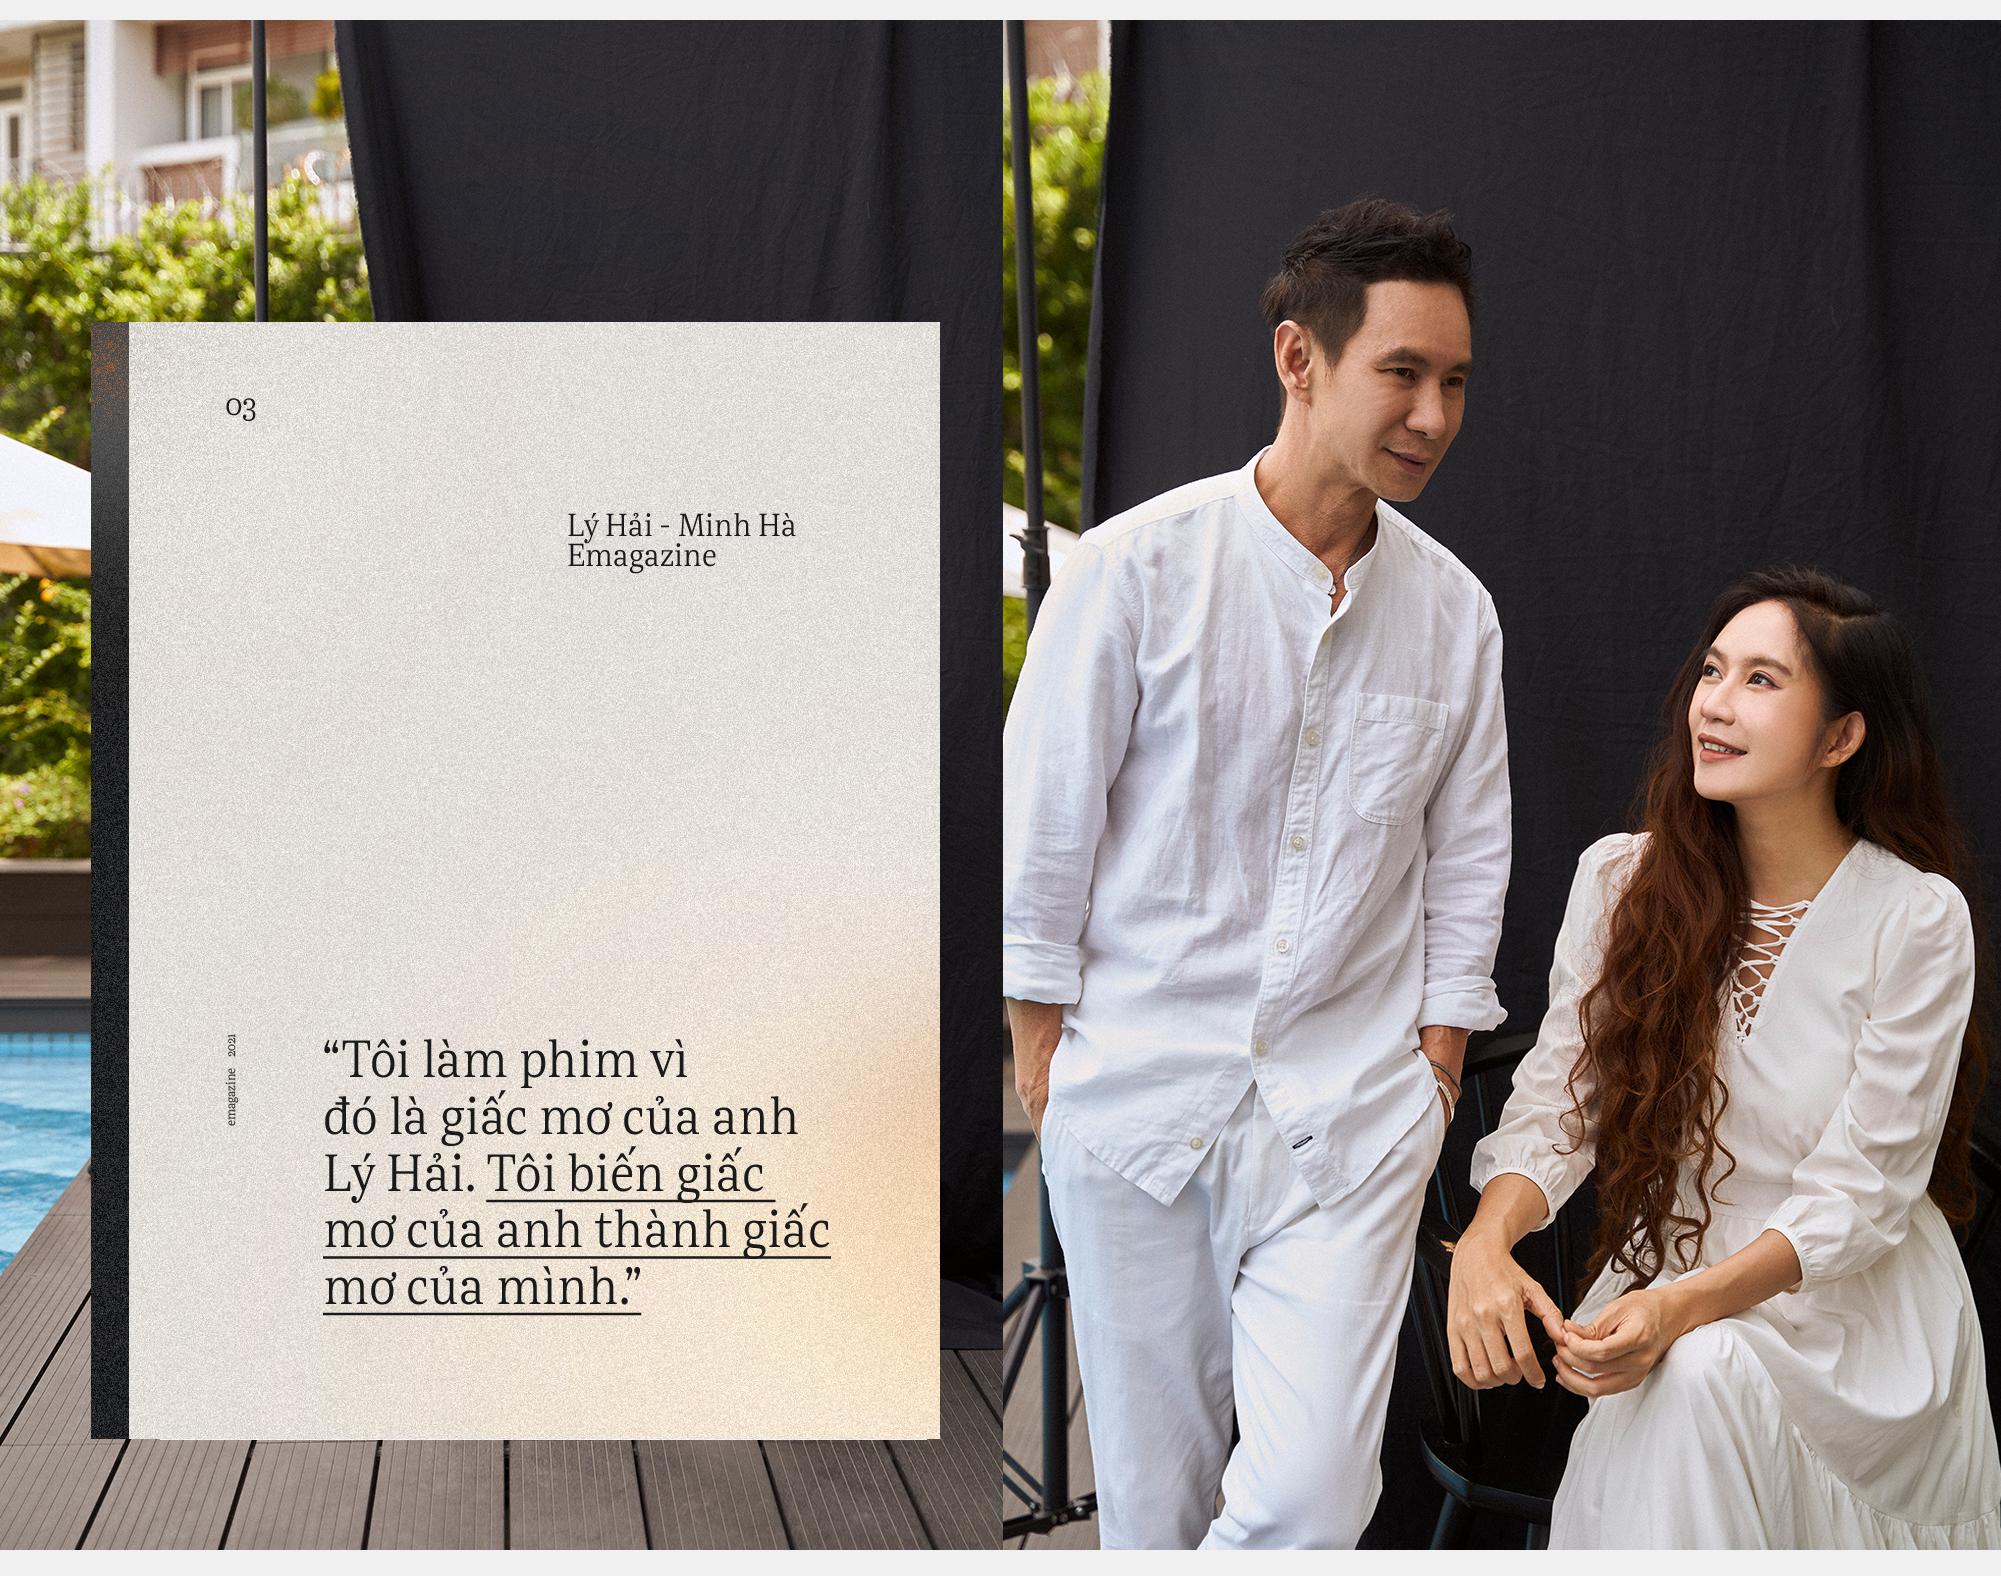 Lý Hải - Minh Hà: Mơ một giấc mơ chung dù chưa từng nói một câu Anh yêu em - Ảnh 34.